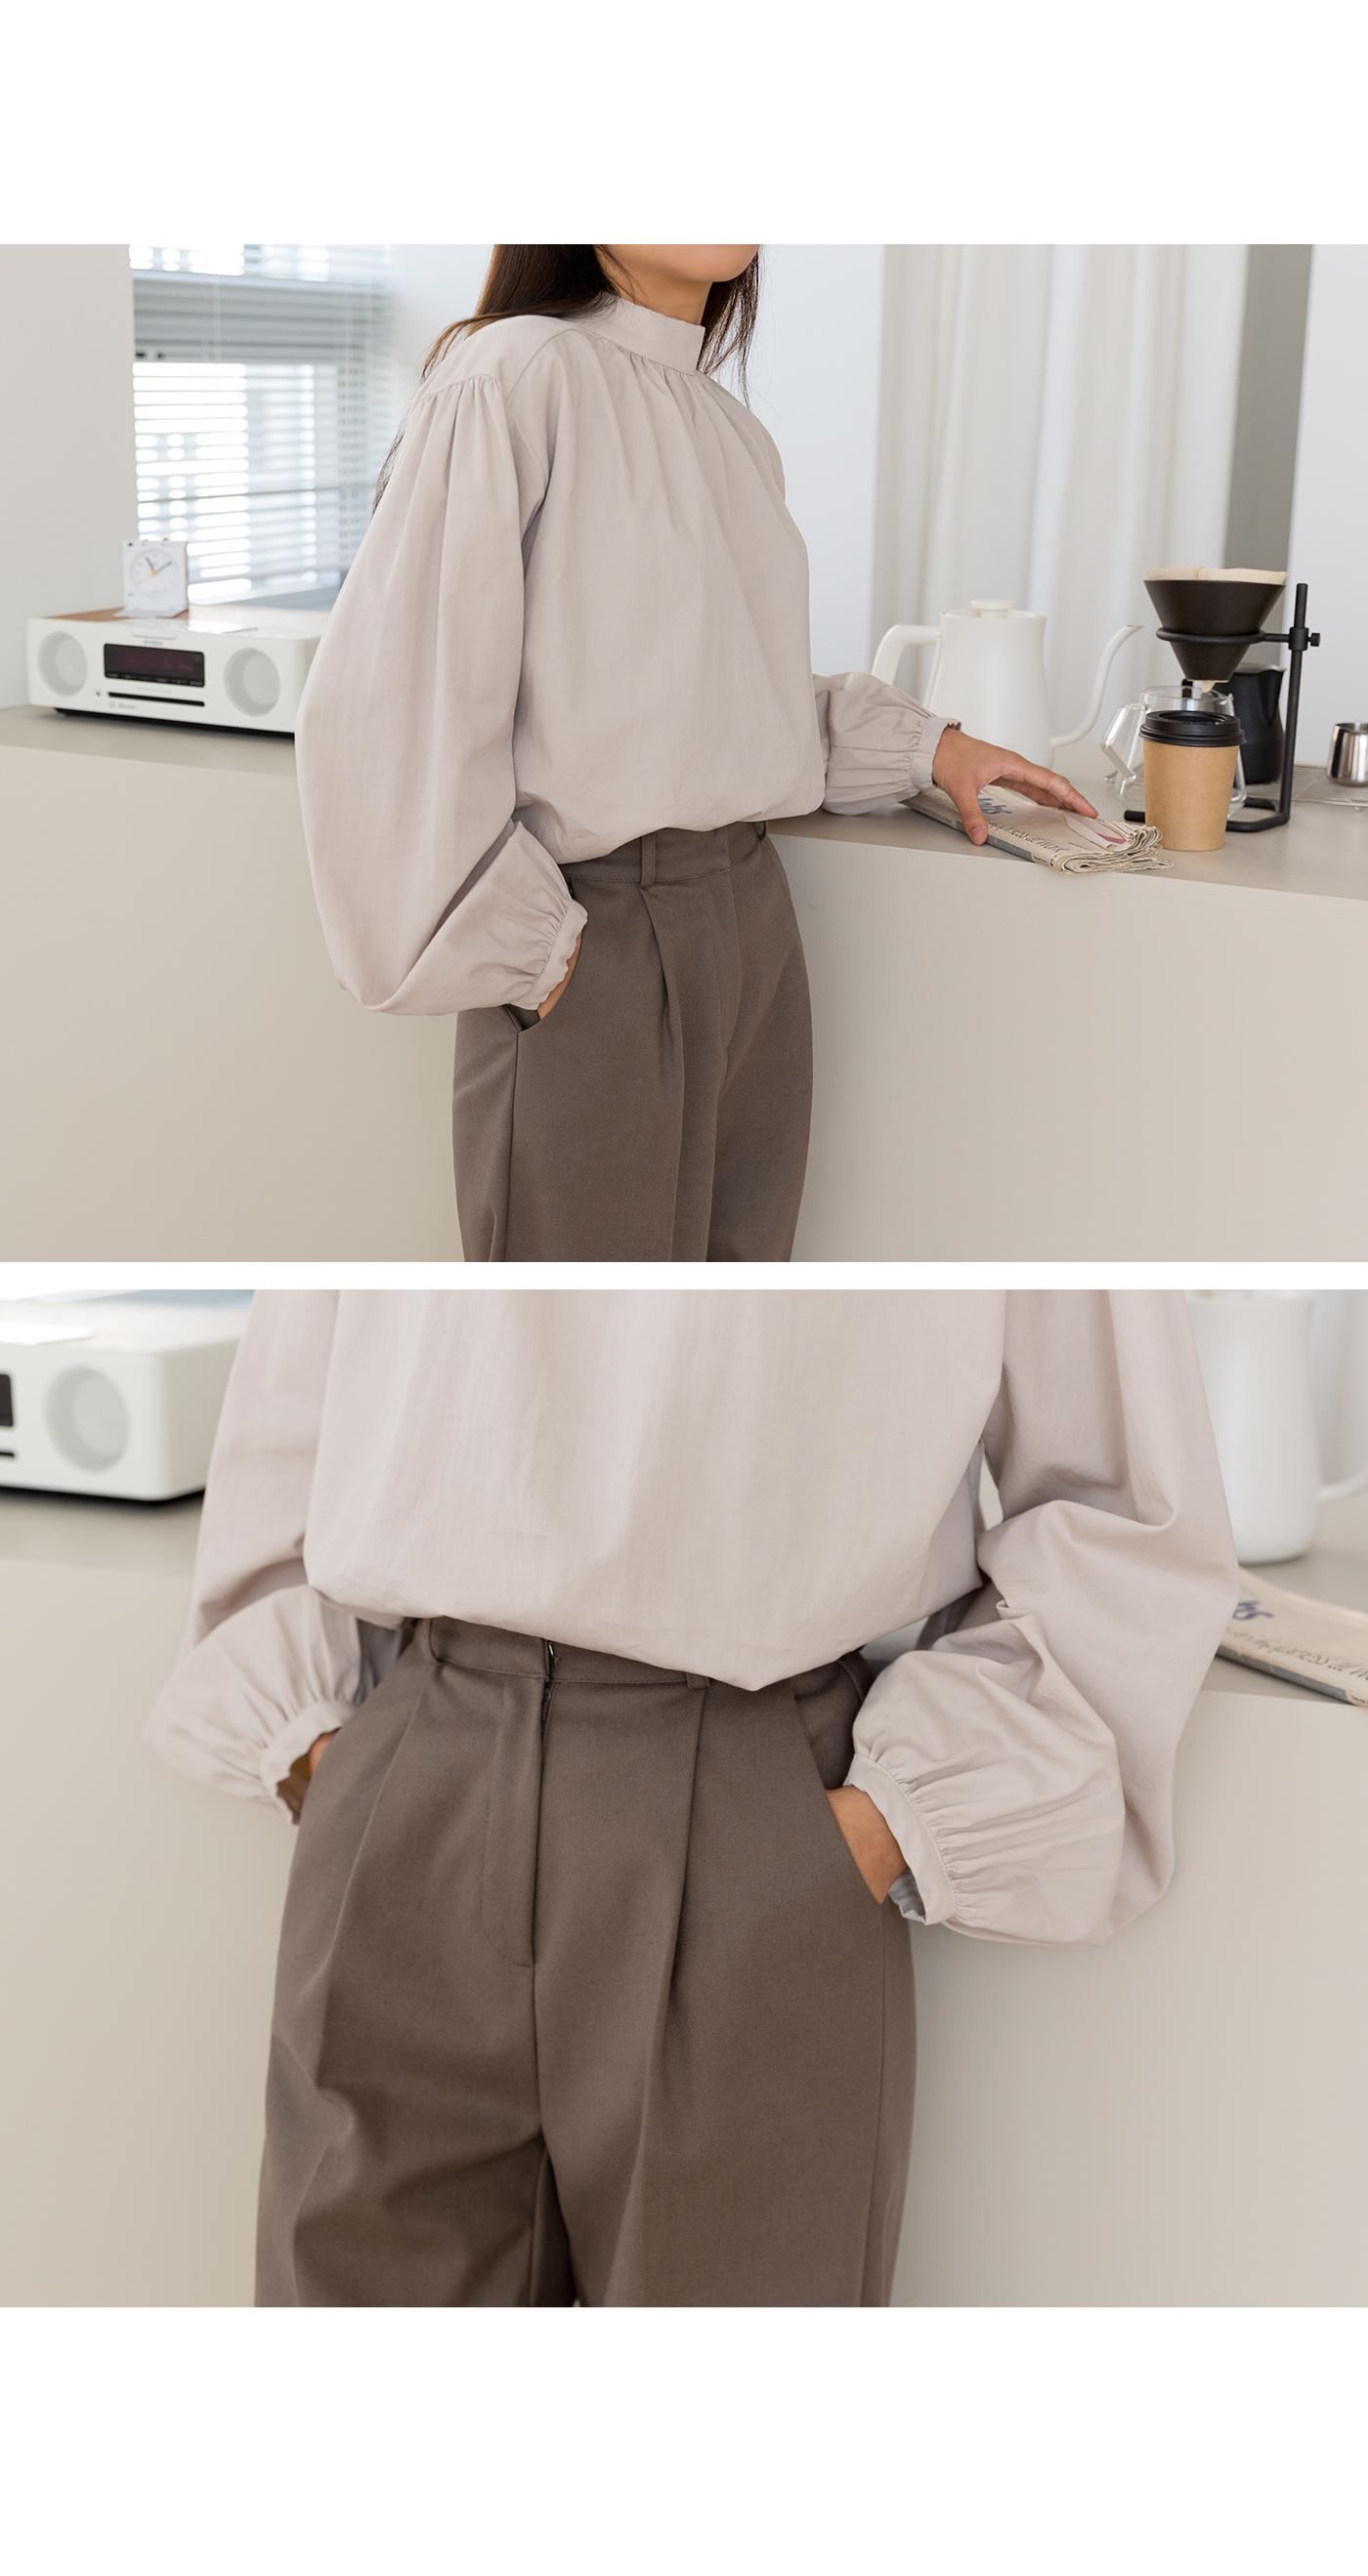 Tino high neck blouse